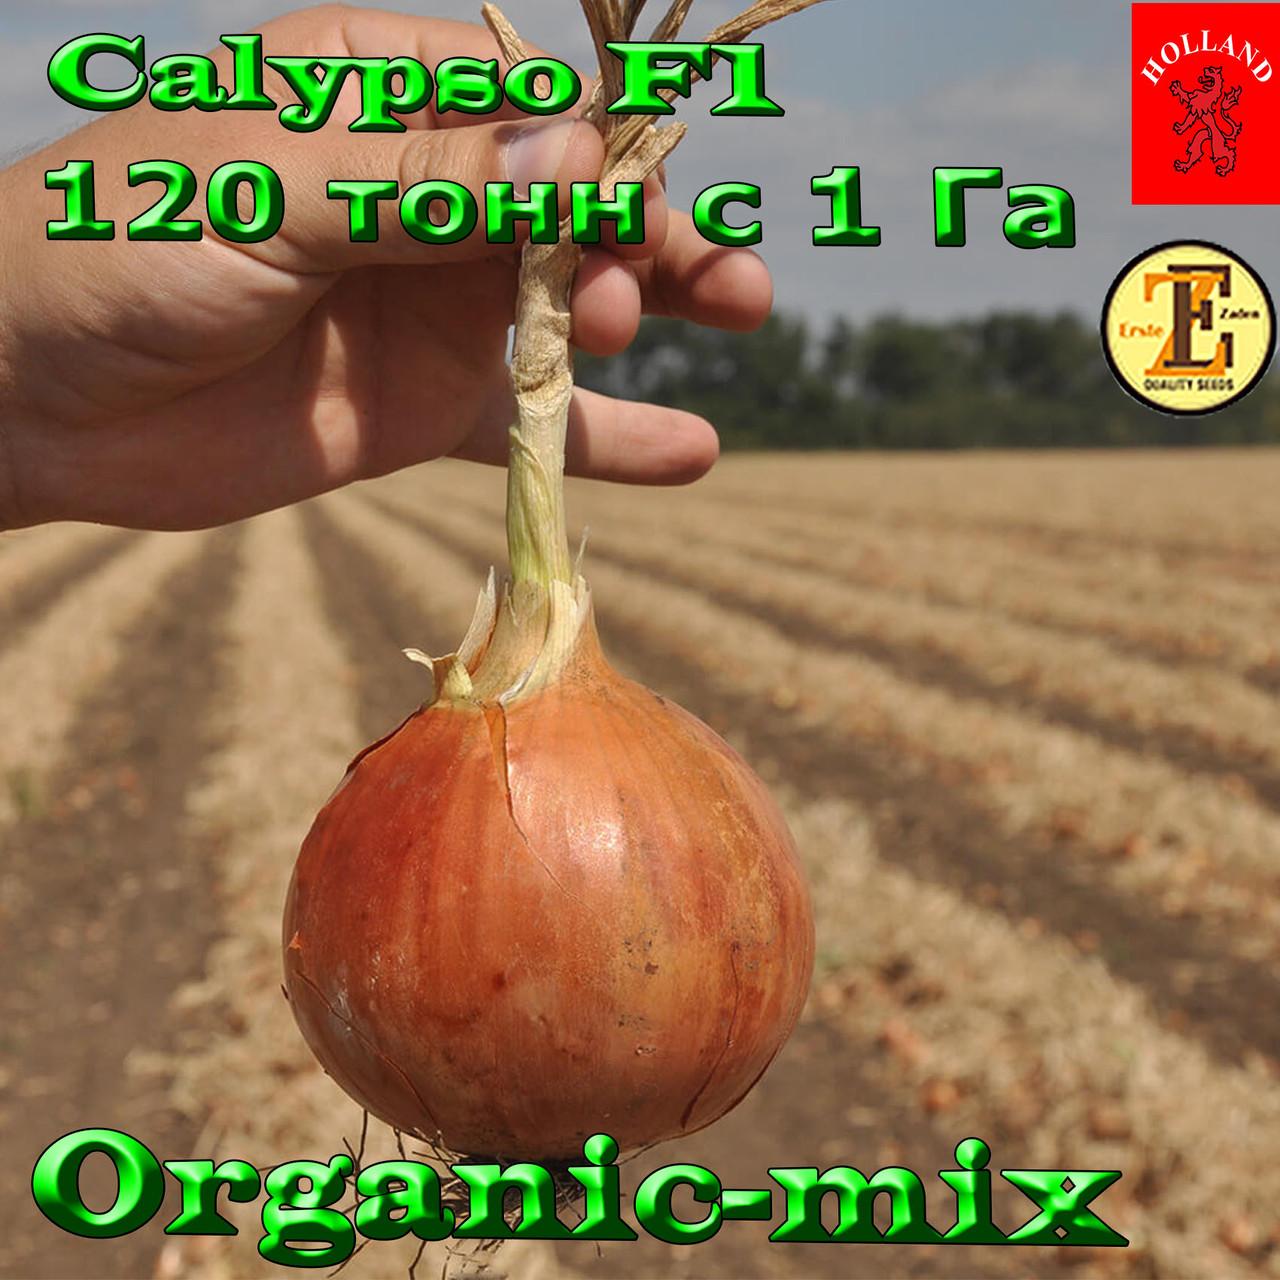 Высокопродуктивный Лук Калипсо F1, ТМ  ТМ Erste Zaden, 250 000 семян, проф.пакет, фото 1